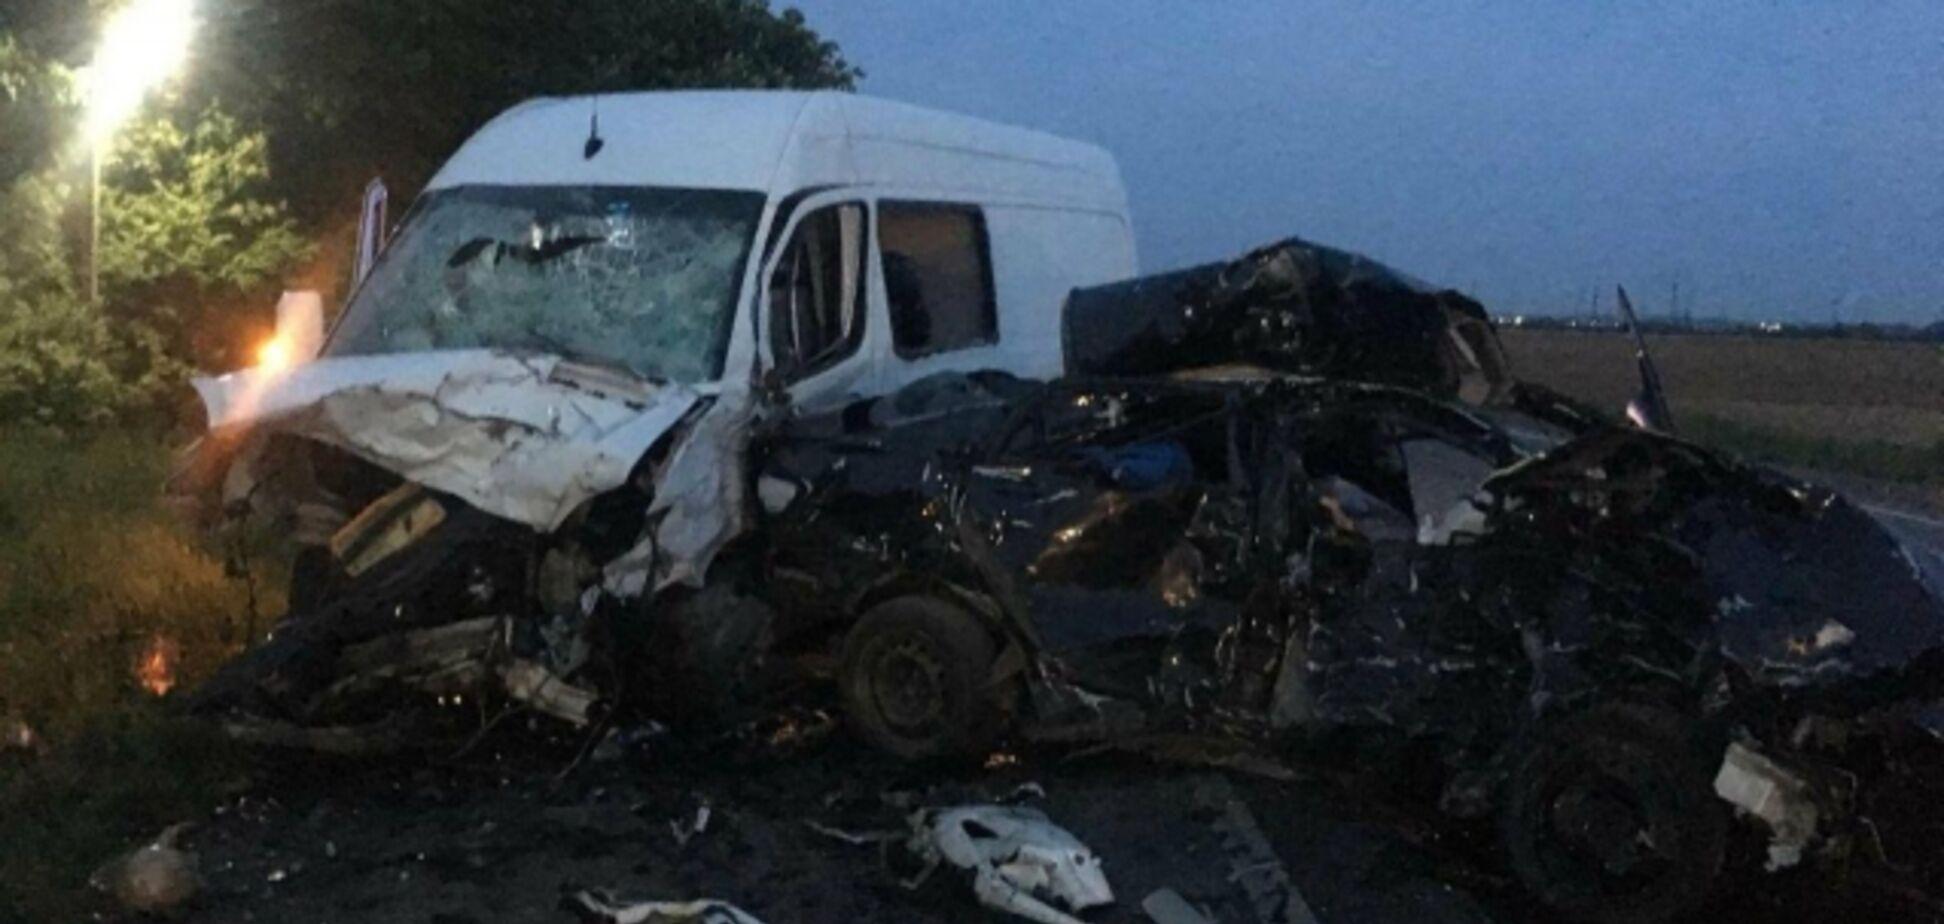 В жутком ДТП на Закарпатье погиб сотрудник прокуратуры: фото и видео 18+